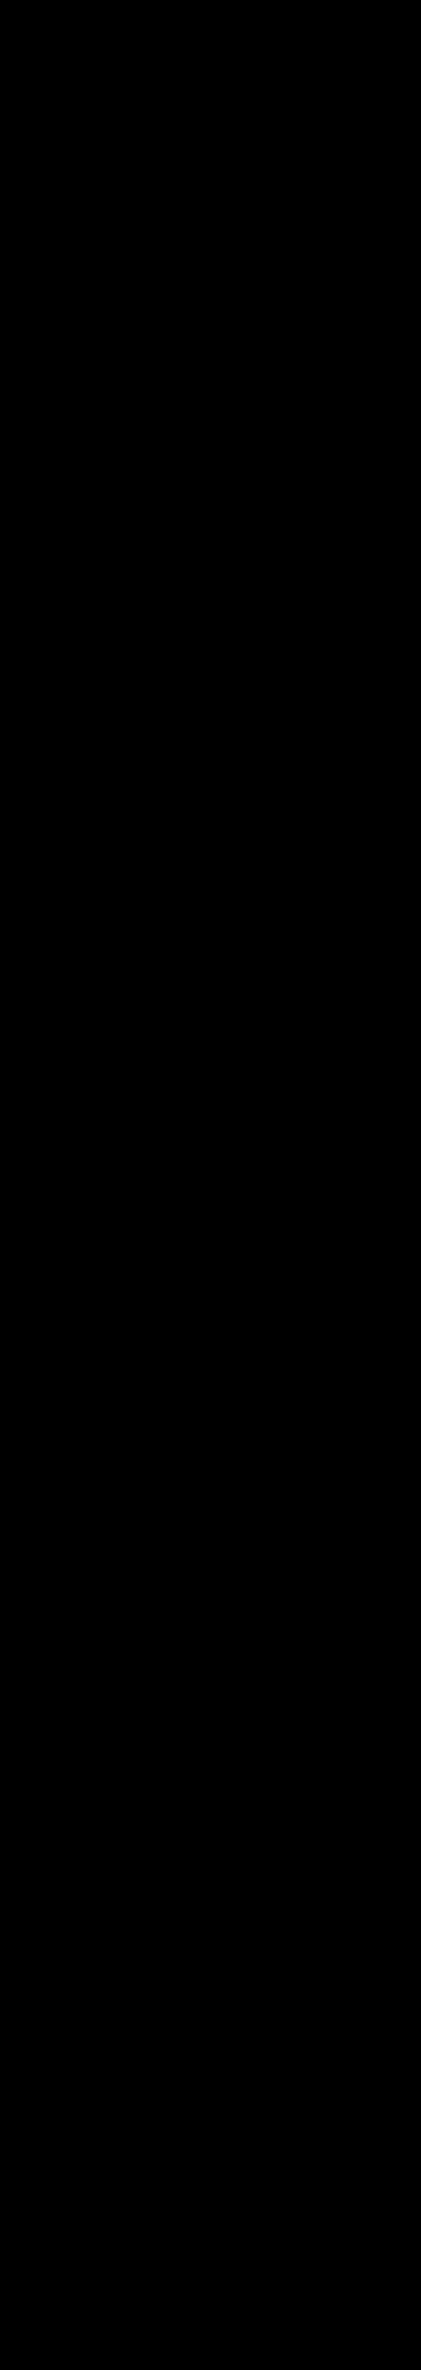 คอร์ดกีตาร์ ง่าย ตารางคอร์ดกีต้าร์ เพลง หลุดโลก